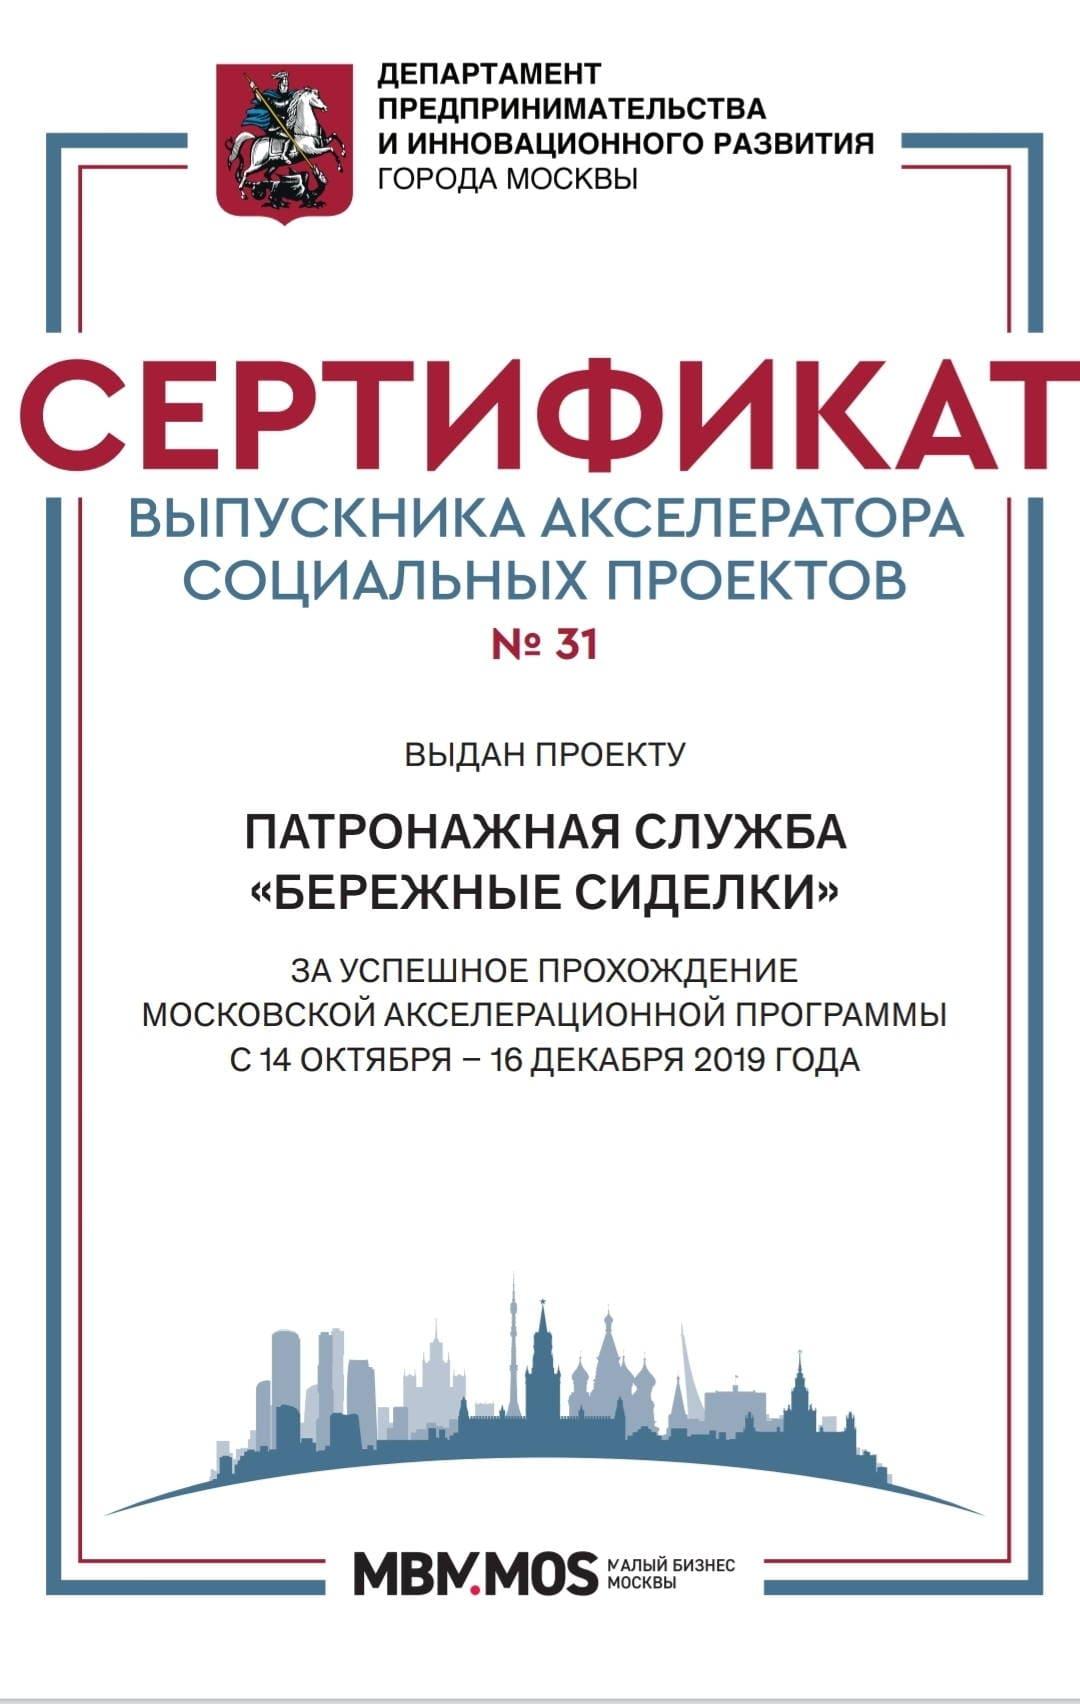 Взаимодействуем с правительством г. Москвы